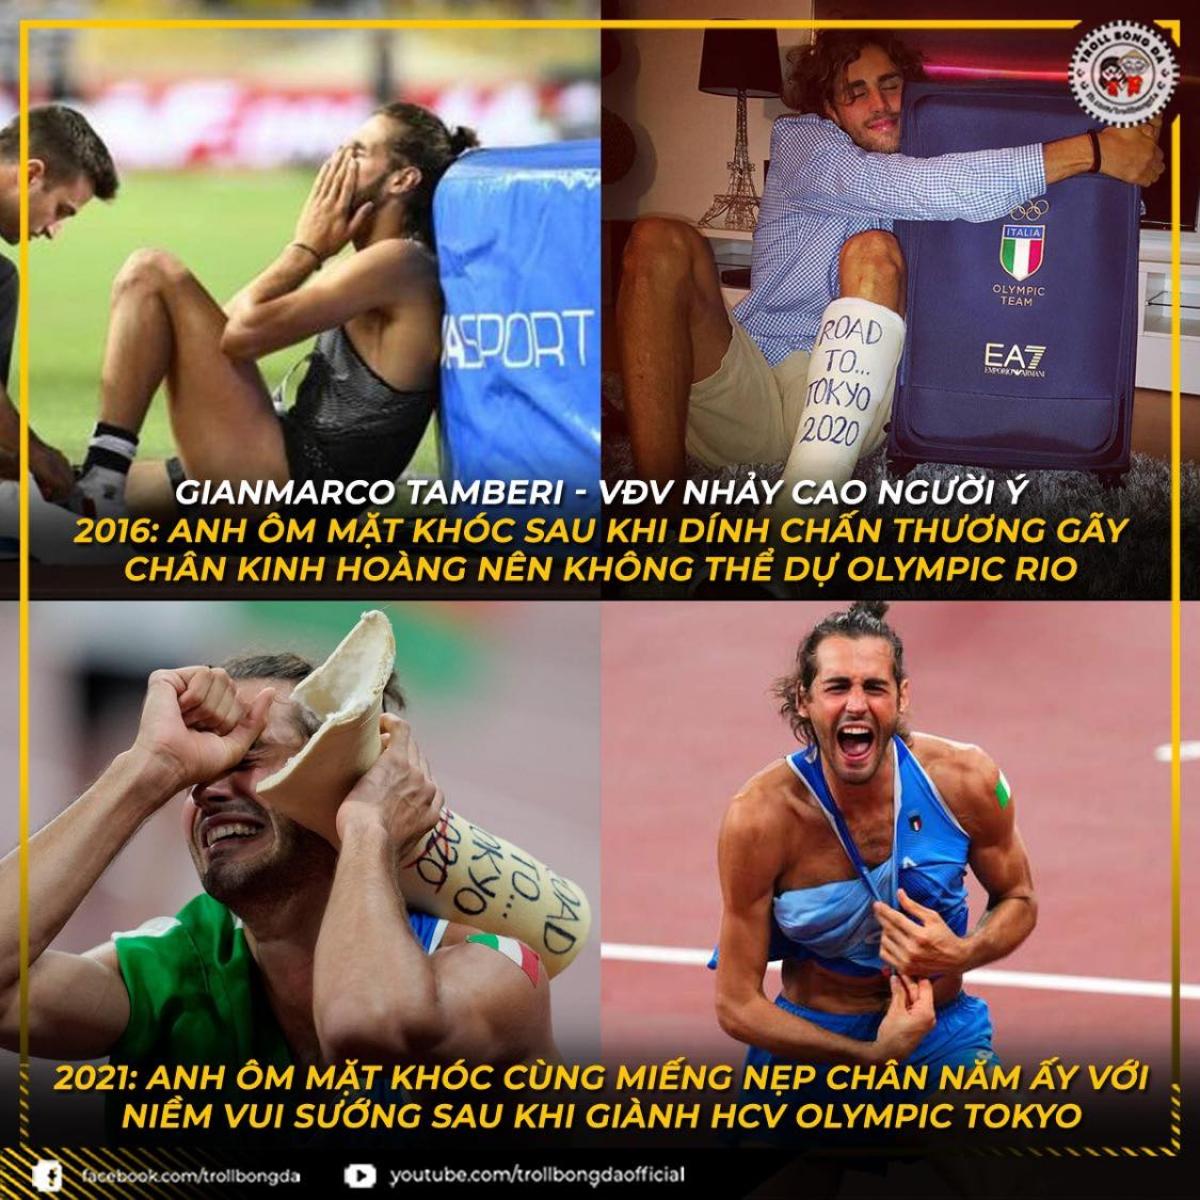 Nghị lực phi thường giúp VĐV Italia giành HCV Olympic Tokyo nội dung nhảy sào nam. (Ảnh: Troll bóng đá).